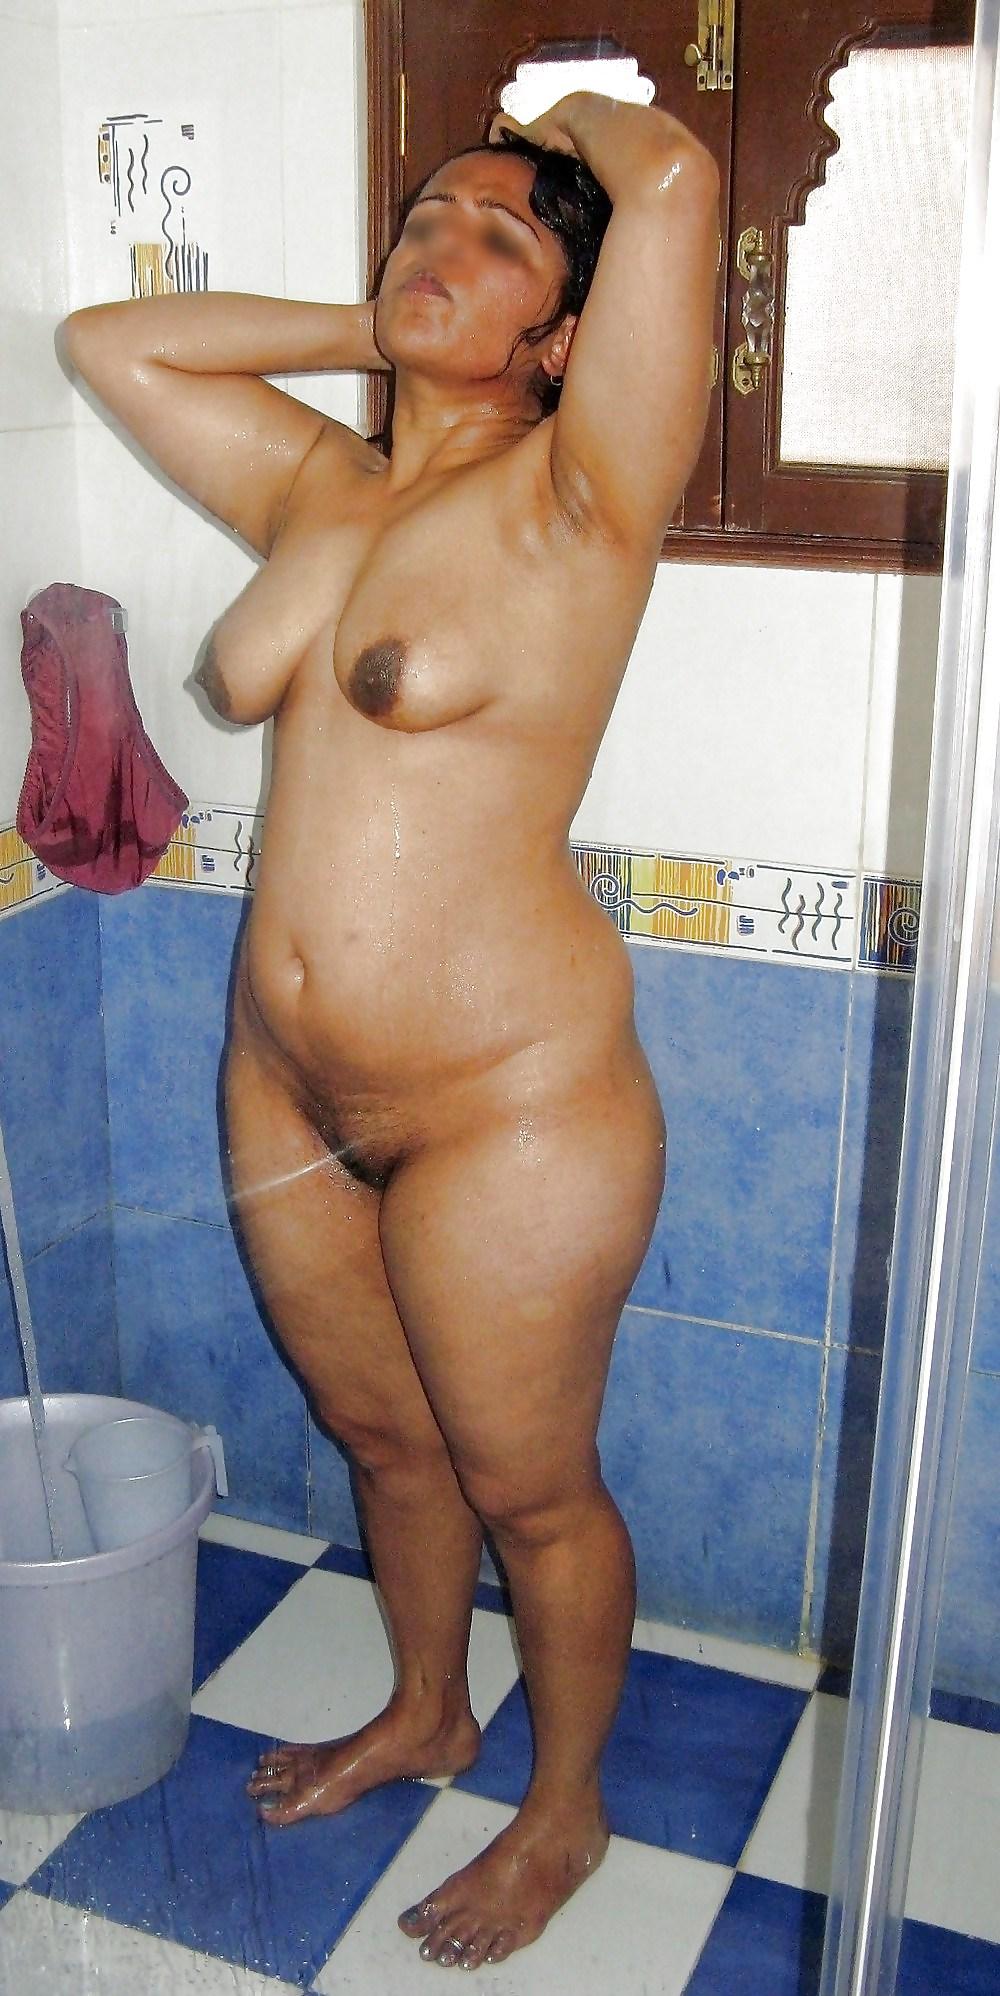 Sex chitra naked models